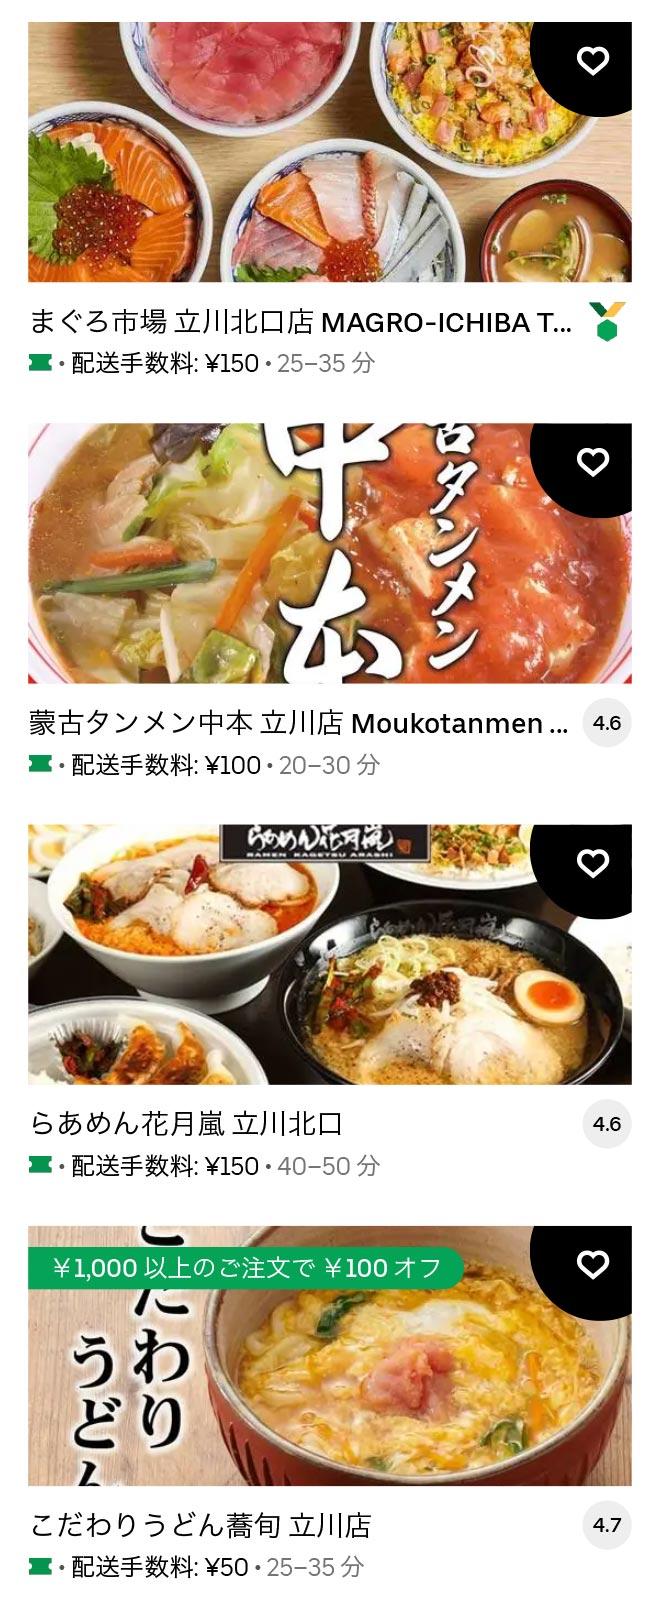 U tachikawa 2106 07